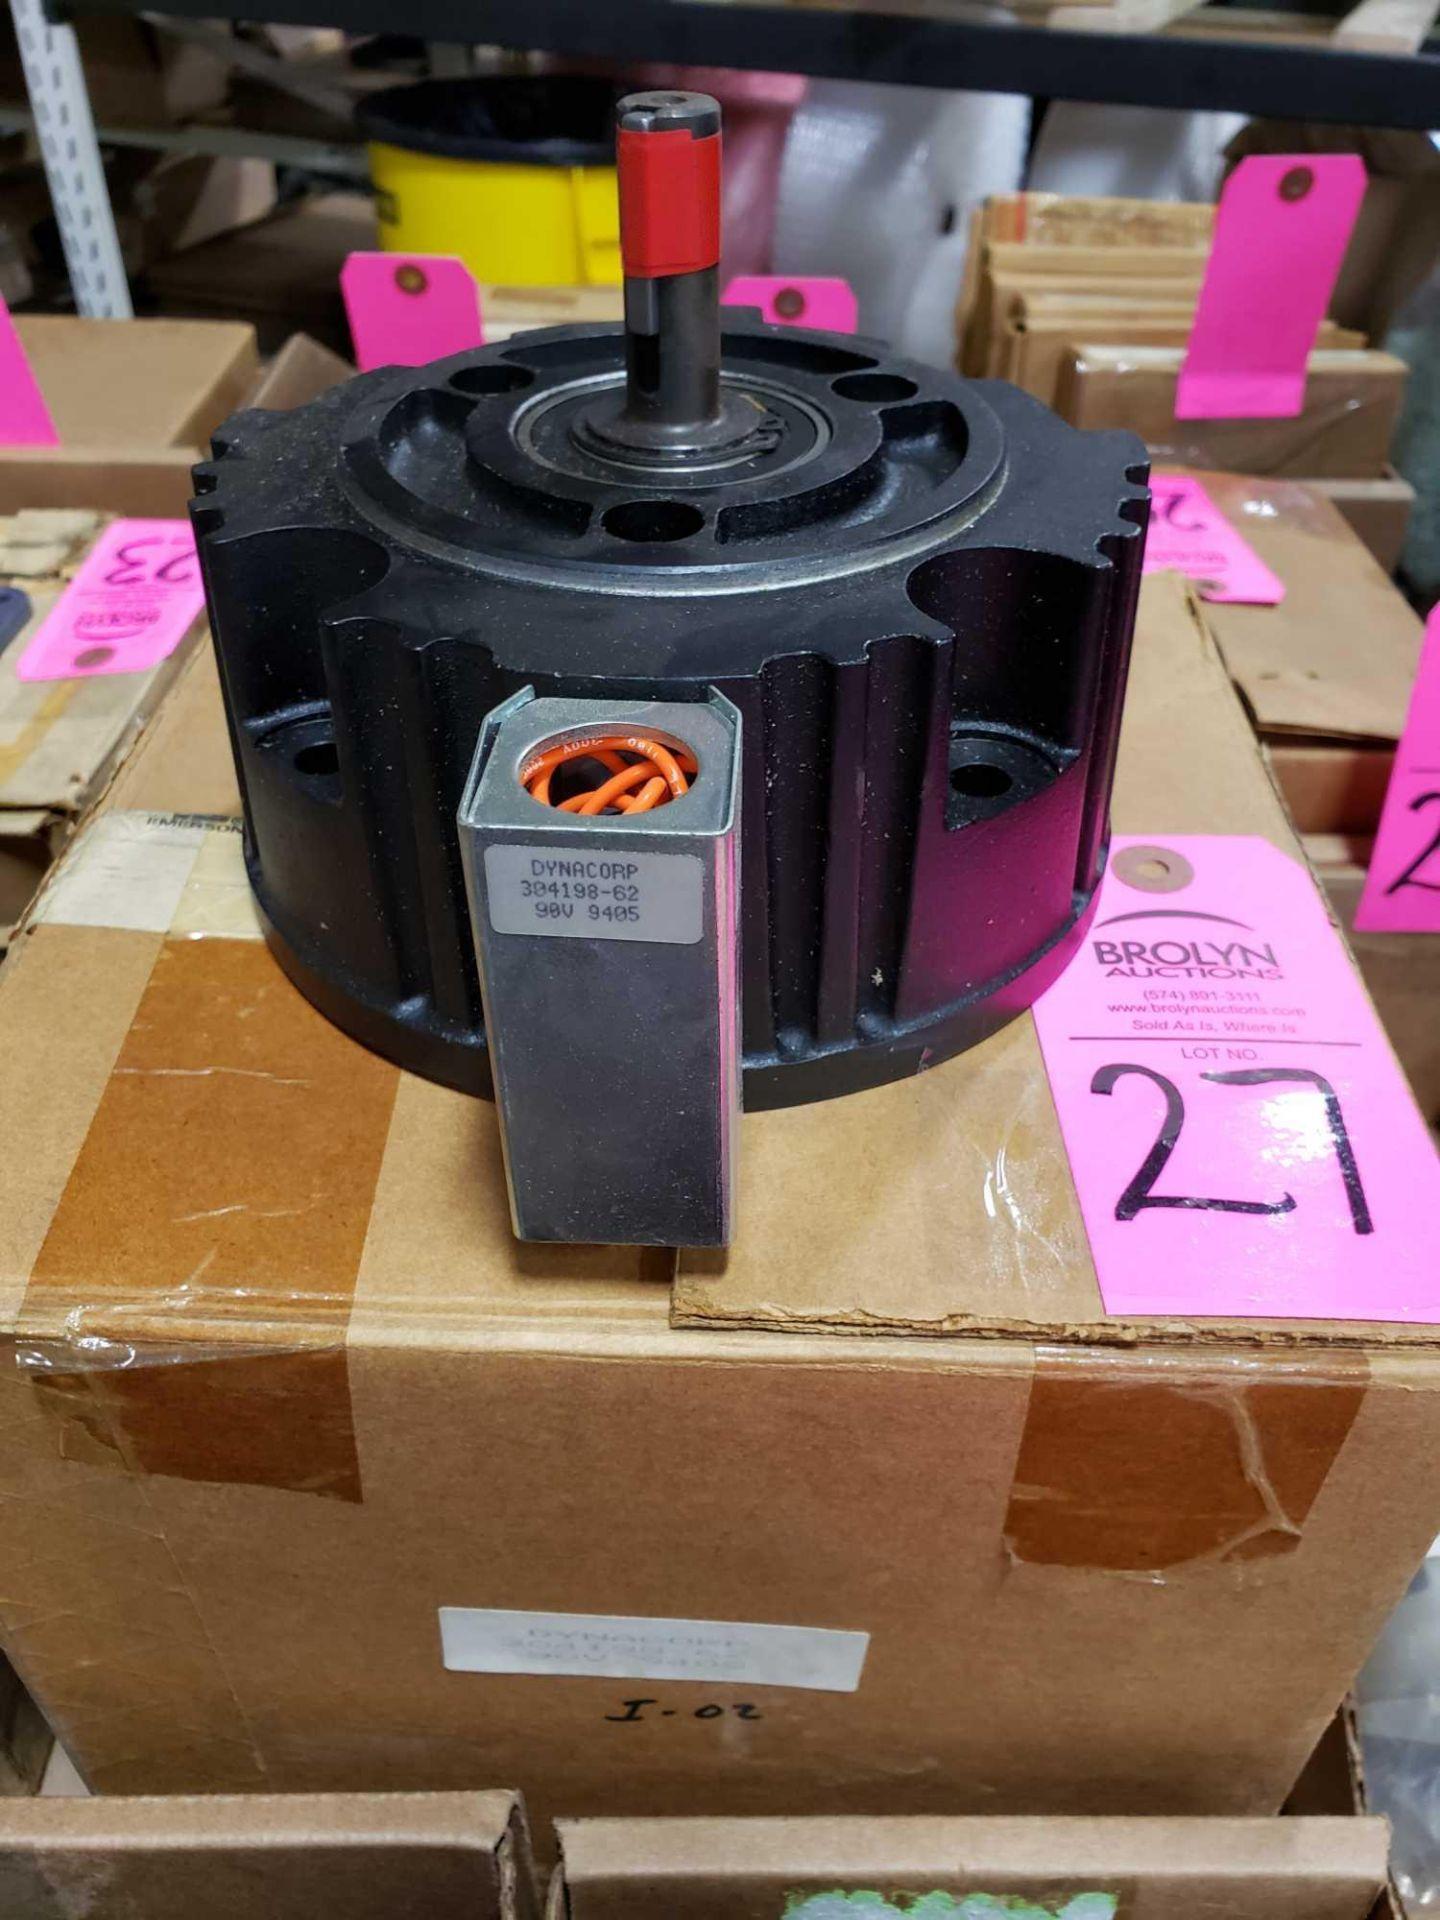 Lot 27 - Dynacorp brake model 304198-60, 90v. New in box.